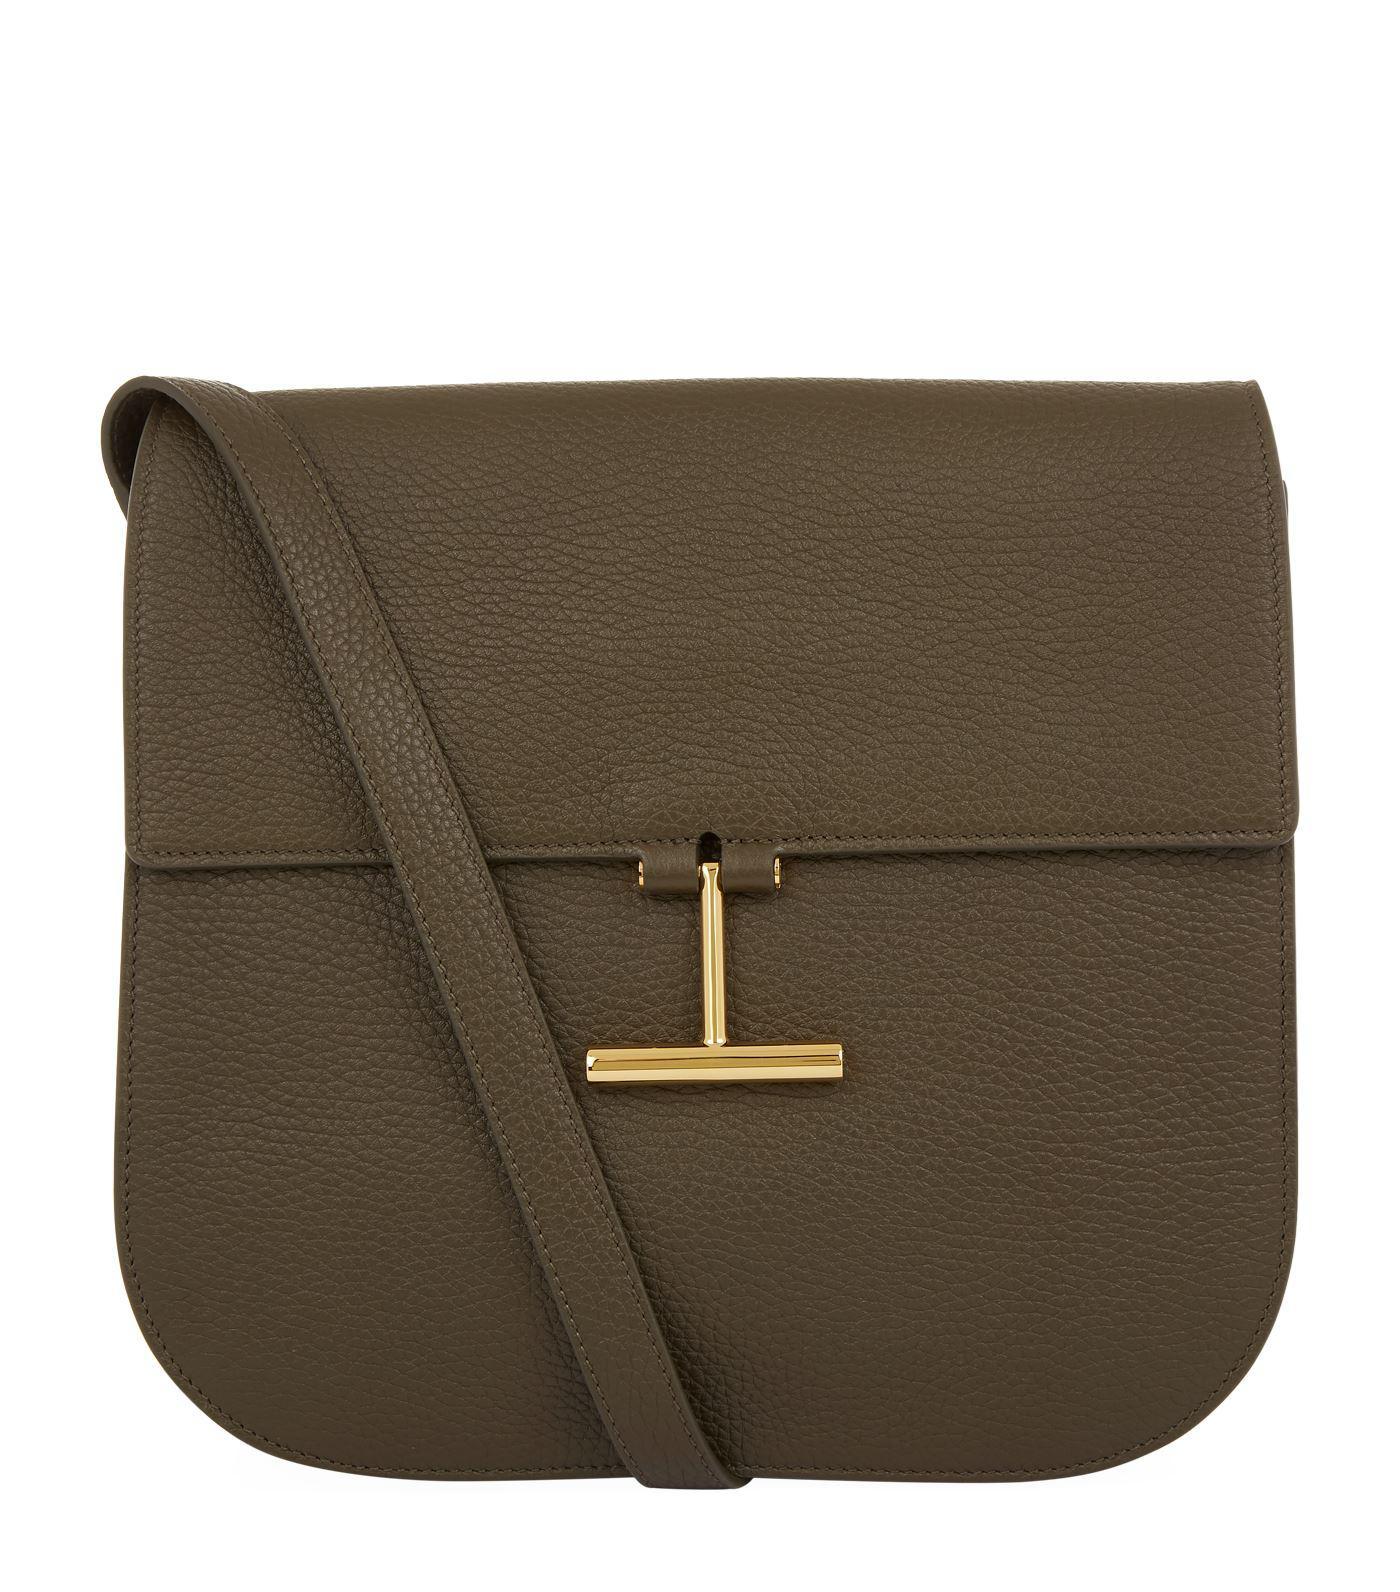 Tara Textured-leather Shoulder Bag - Black Tom Ford CB1eJSOM